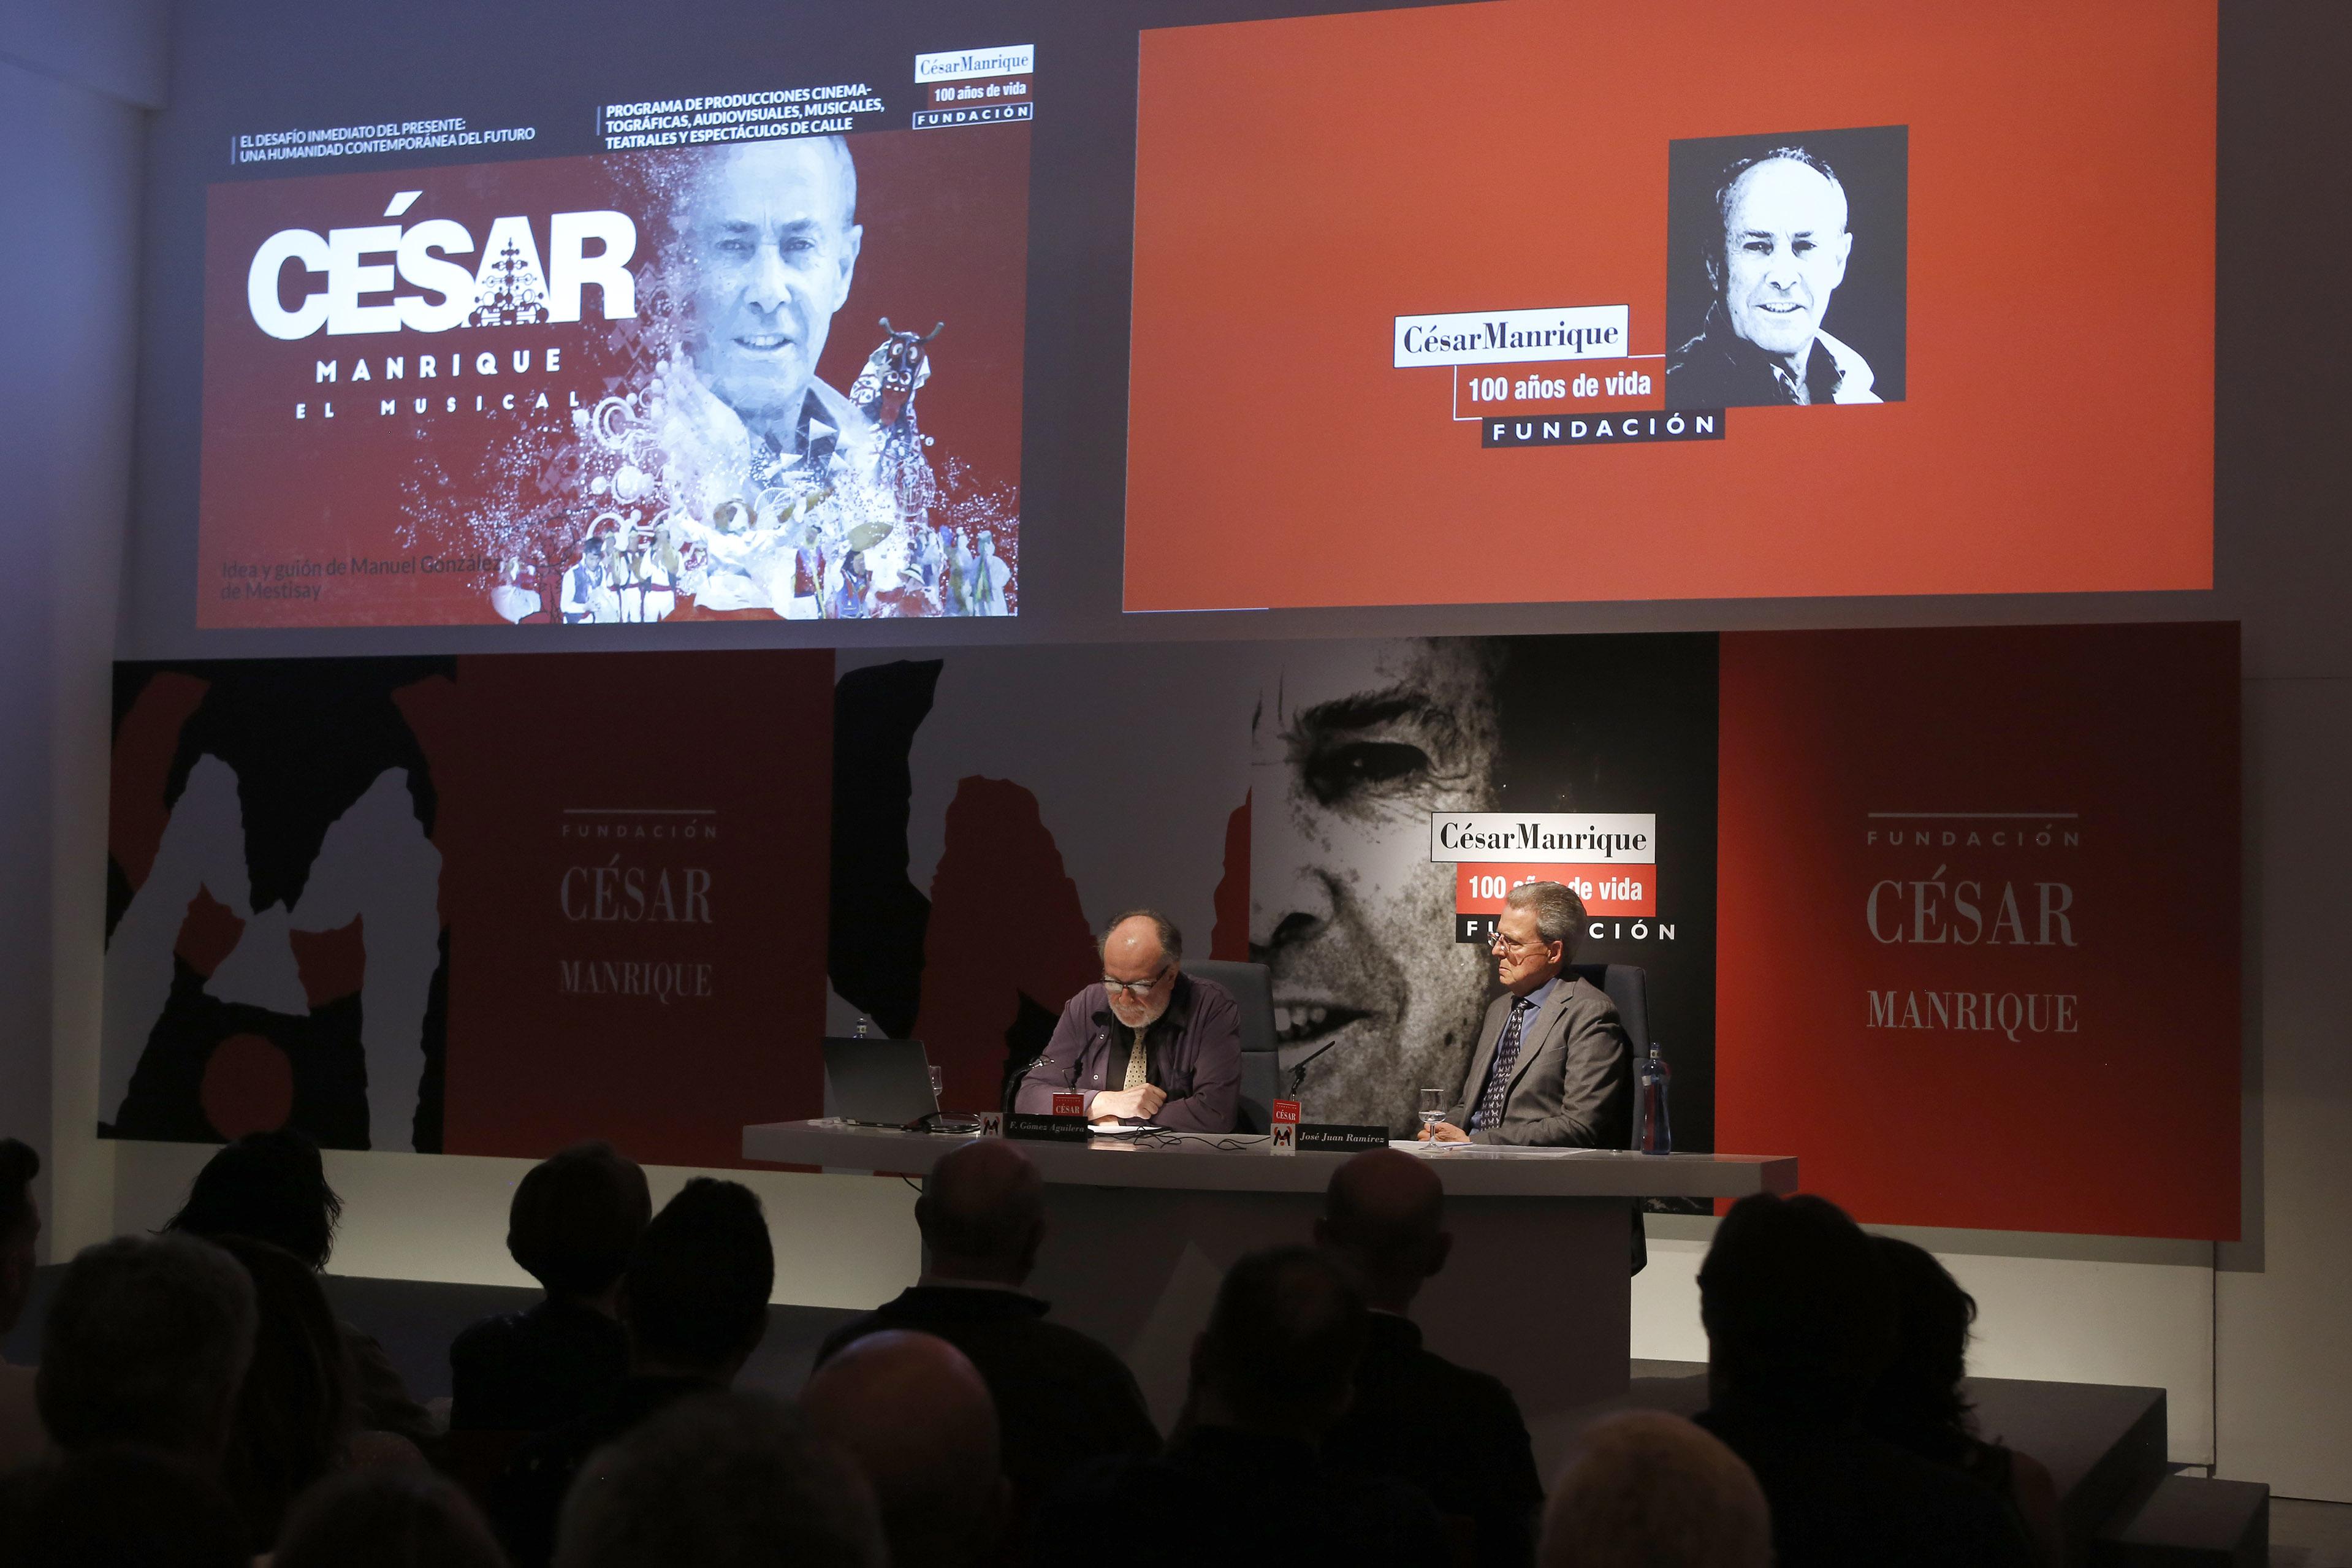 César Manrique vuelve a Lanzarote